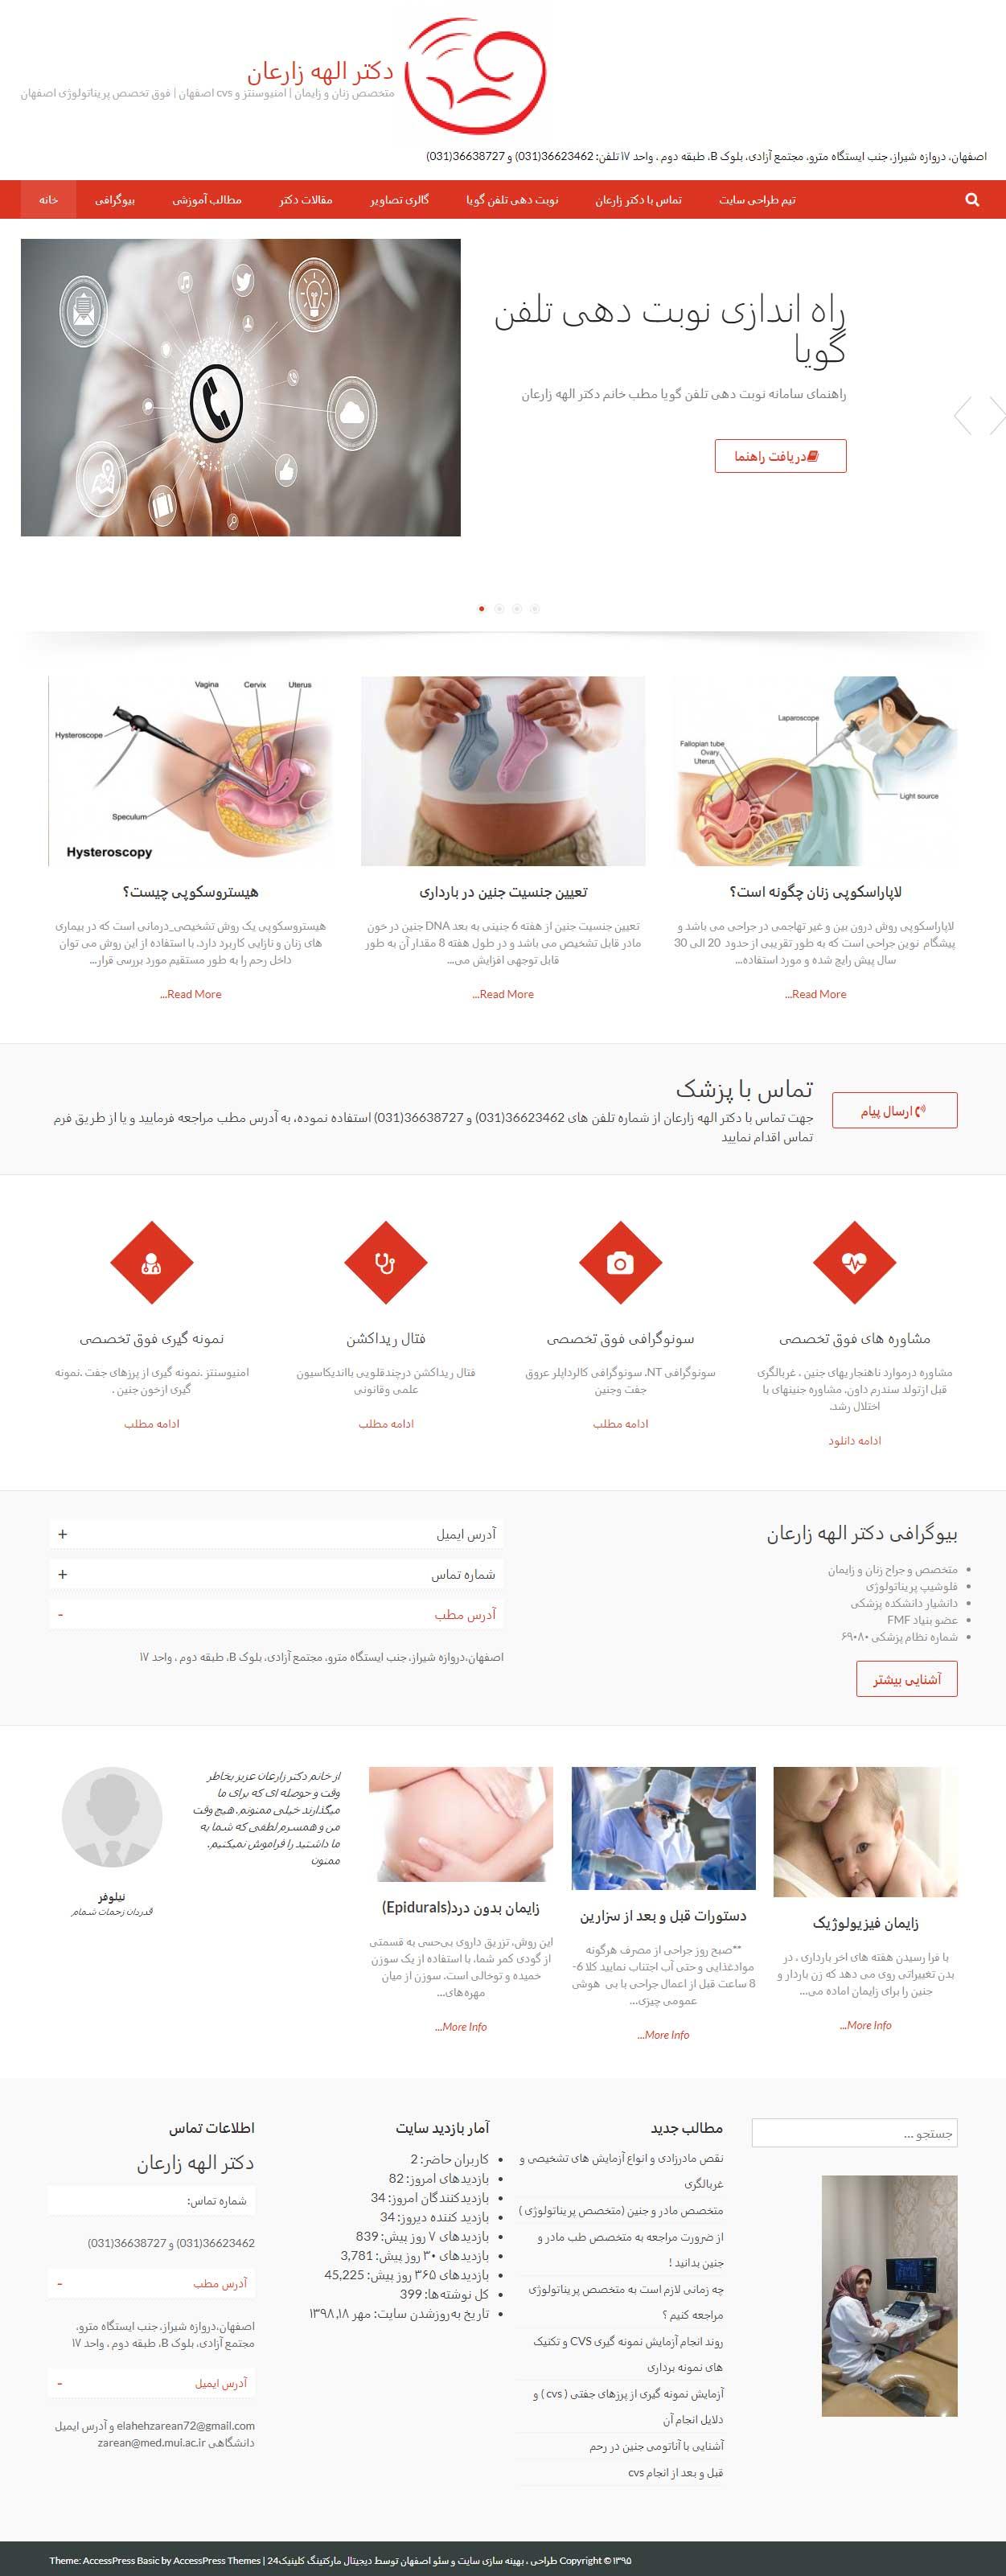 طراحی سایت متخصص زنان و زایمان